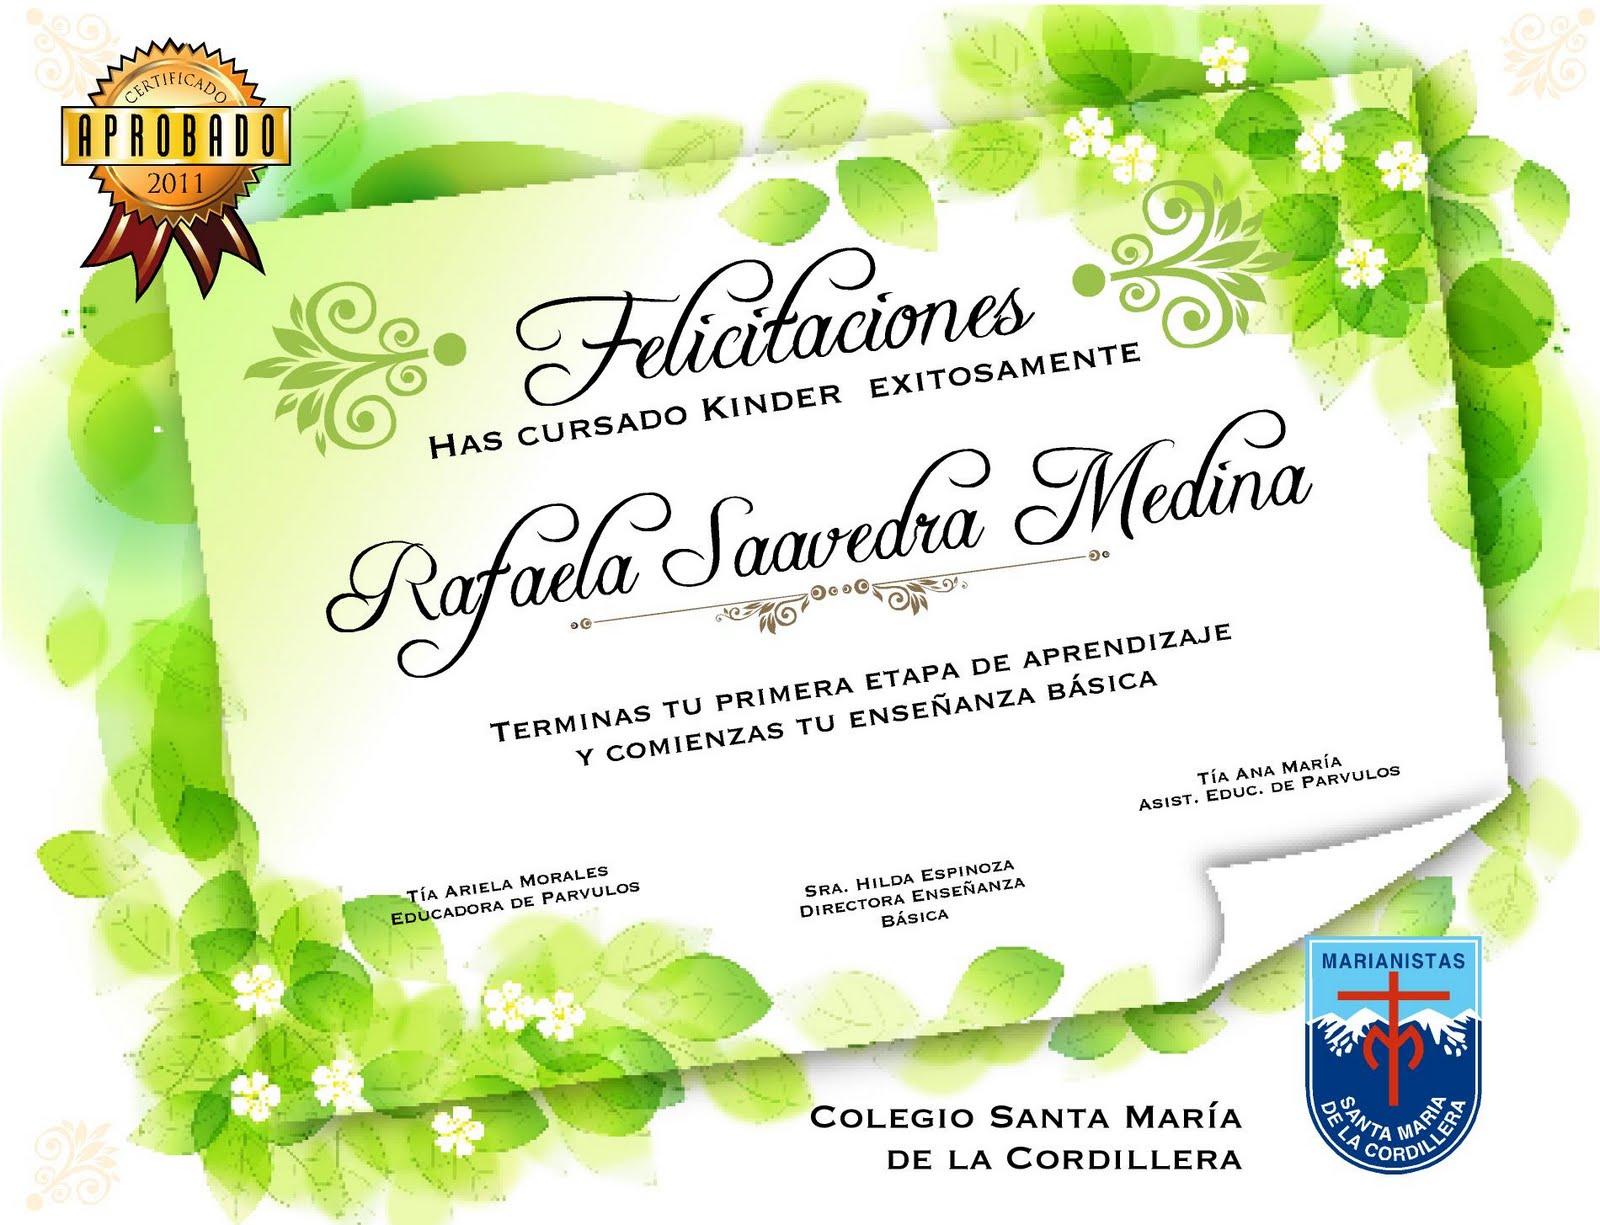 Imagenes De Diplomas Y Certificados